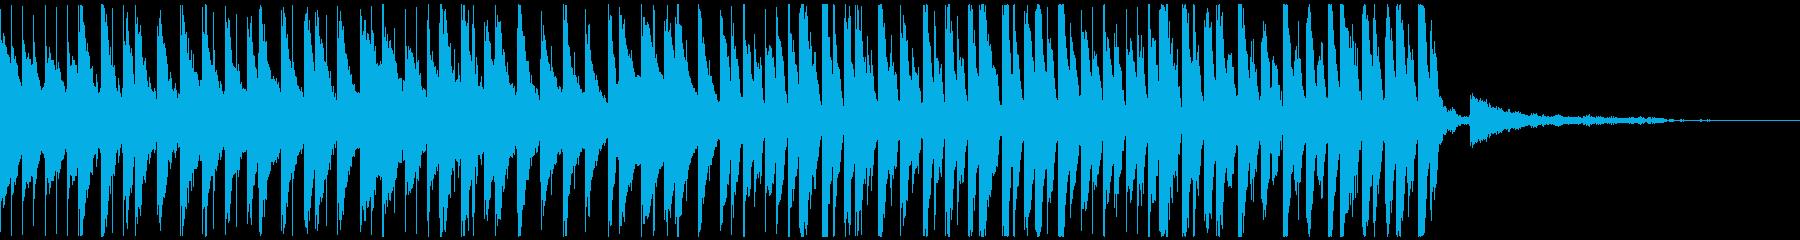 おもちゃを使った明るい曲の再生済みの波形